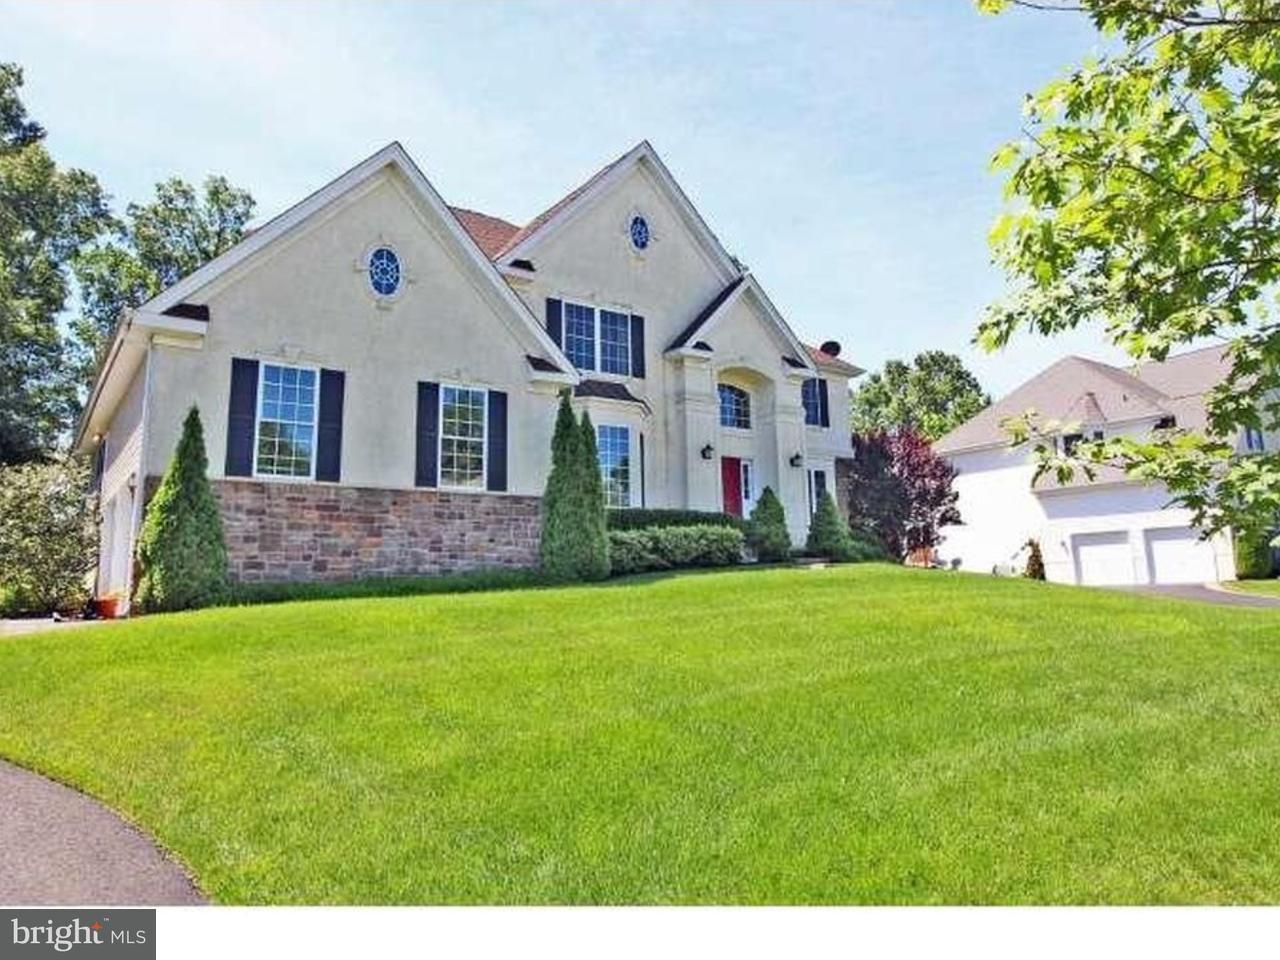 Casa unifamiliar adosada (Townhouse) por un Alquiler en 10 FOXCROFT WAY Mount Laurel, Nueva Jersey 08054 Estados Unidos